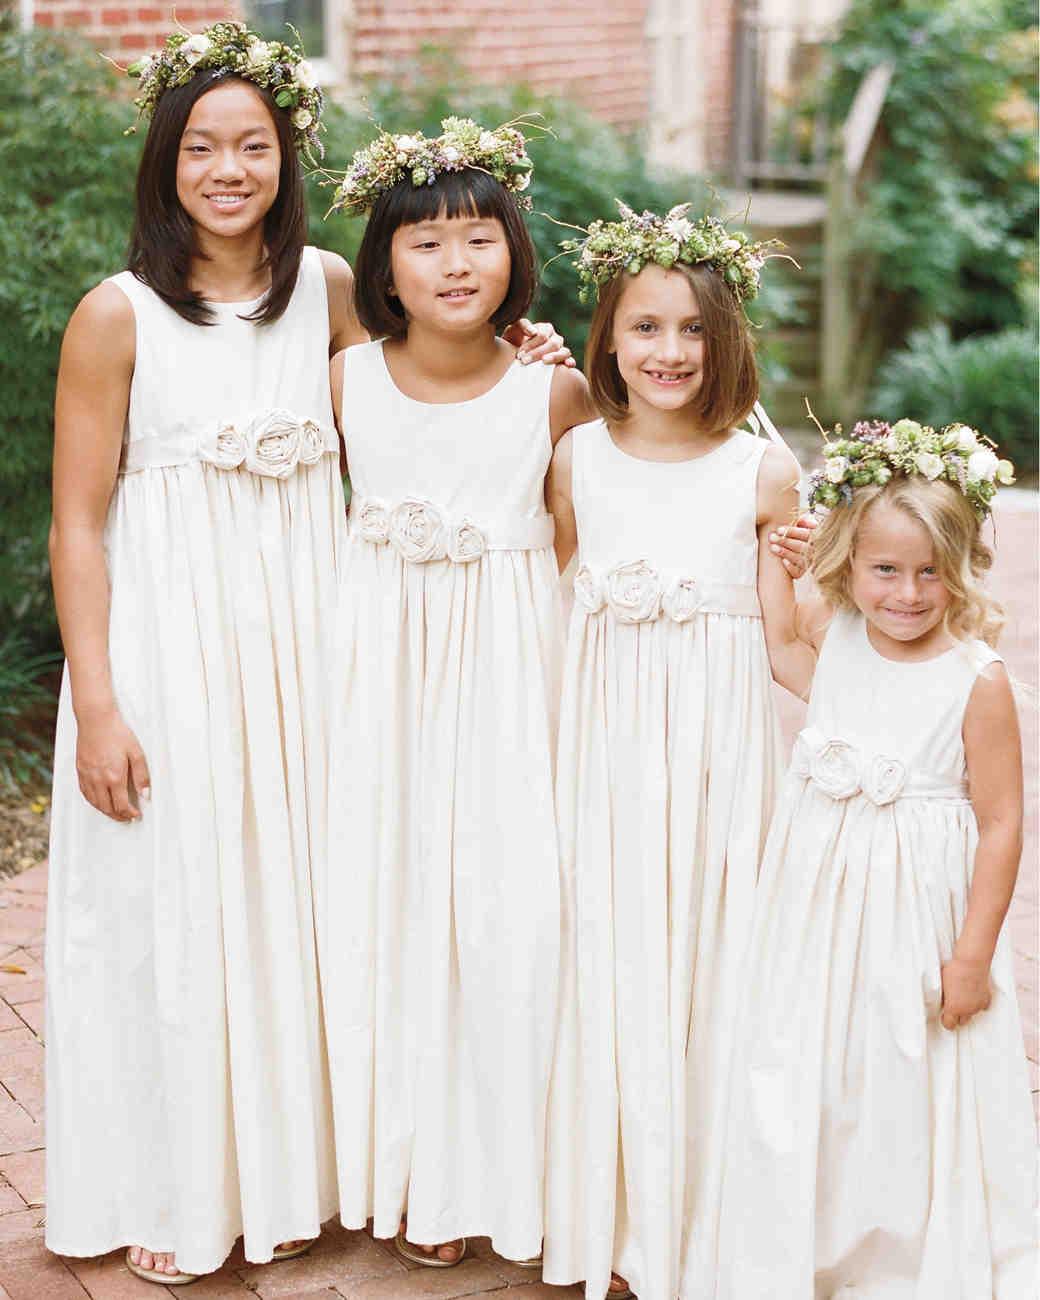 michelle-kimball-wedding-0016-s111580.jpg